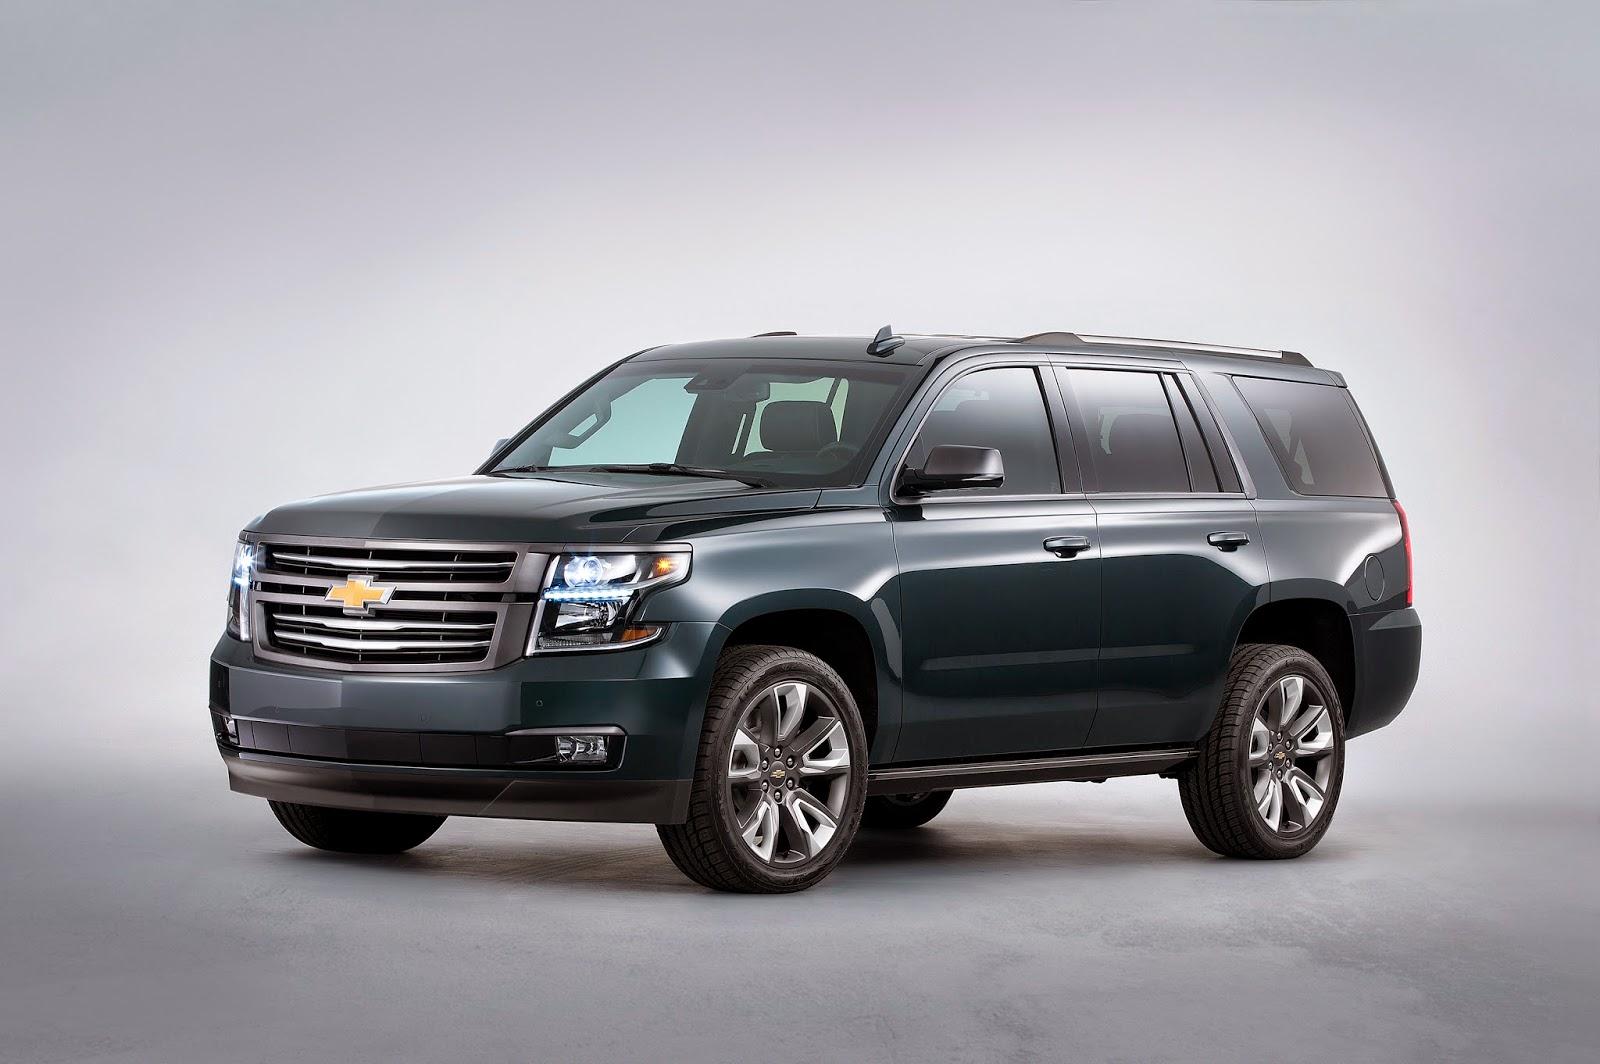 http://2.bp.blogspot.com/-lQ7RXouTB58/VFjaV3zJgUI/AAAAAAAA4GM/Ob1npn9tRDc/s1600/Chevrolet%2BTahoe%2BPremium%2BOutdoors%2Bconcept.jpg